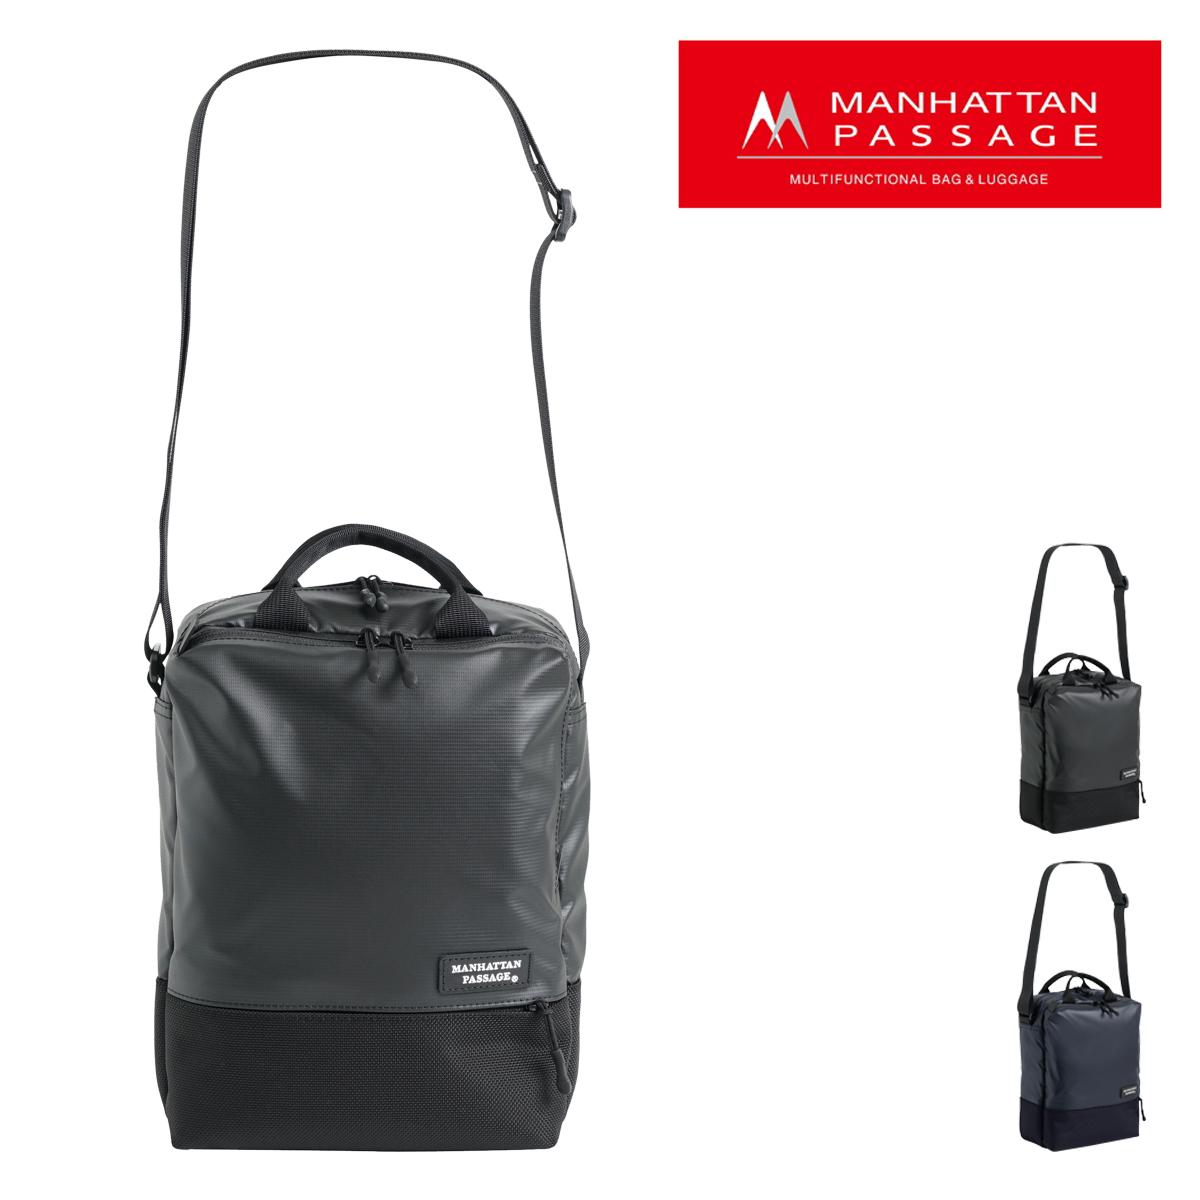 マンハッタンパッセージ ショルダーバッグ Plus メンズ3365 MANHATTAN PASSAGE | ビジネスバッグ B5 高密度ナイロン 撥水 軽量[PO10]